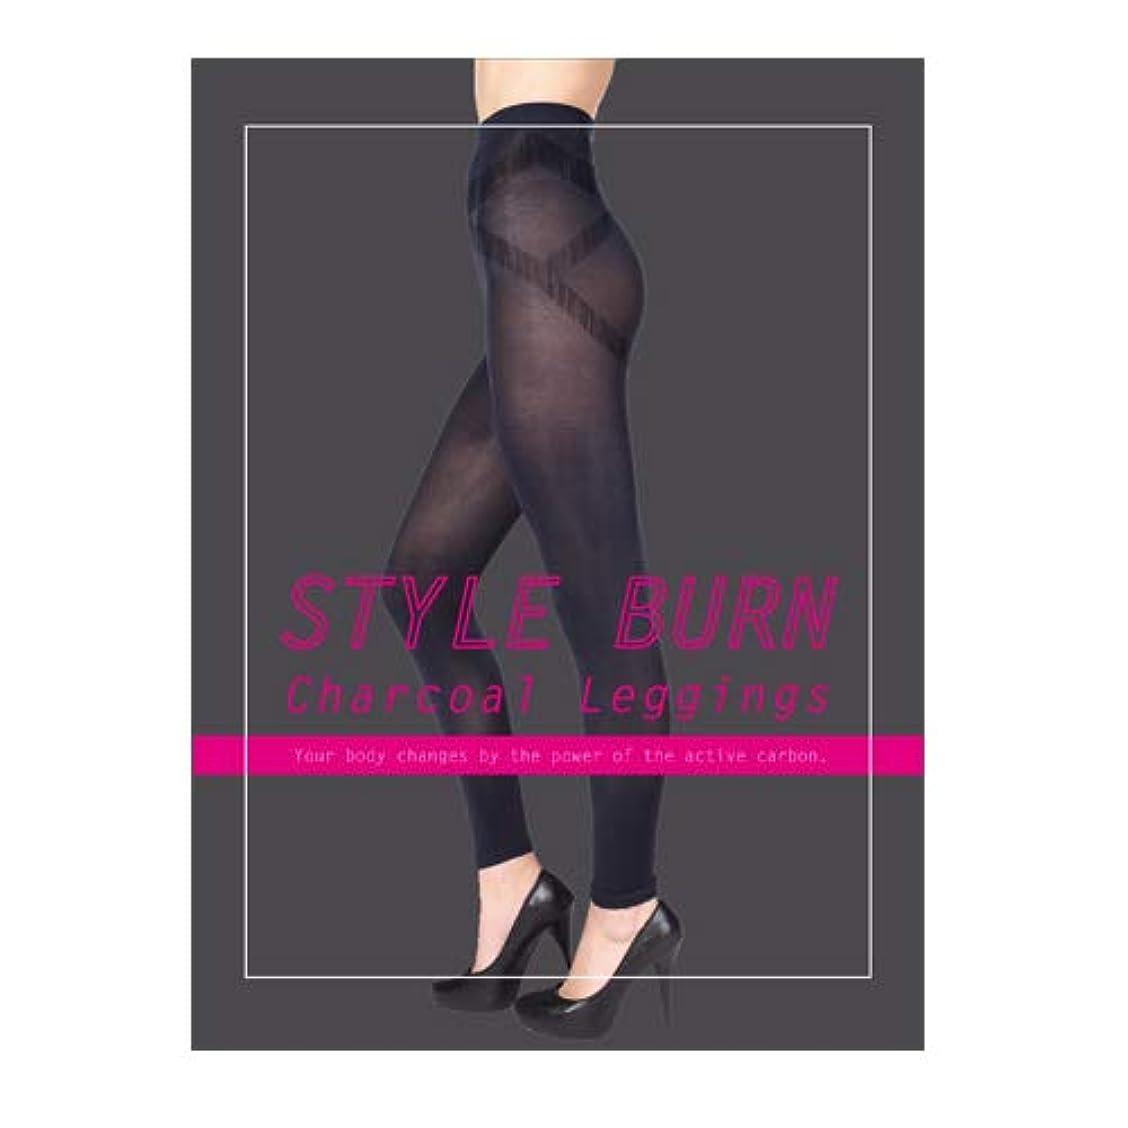 過言スペア地平線スタイルバーン チャコールレギンス STYLE BURN Charcoal Leggings/ダイエット レギンス 履く ボディケア